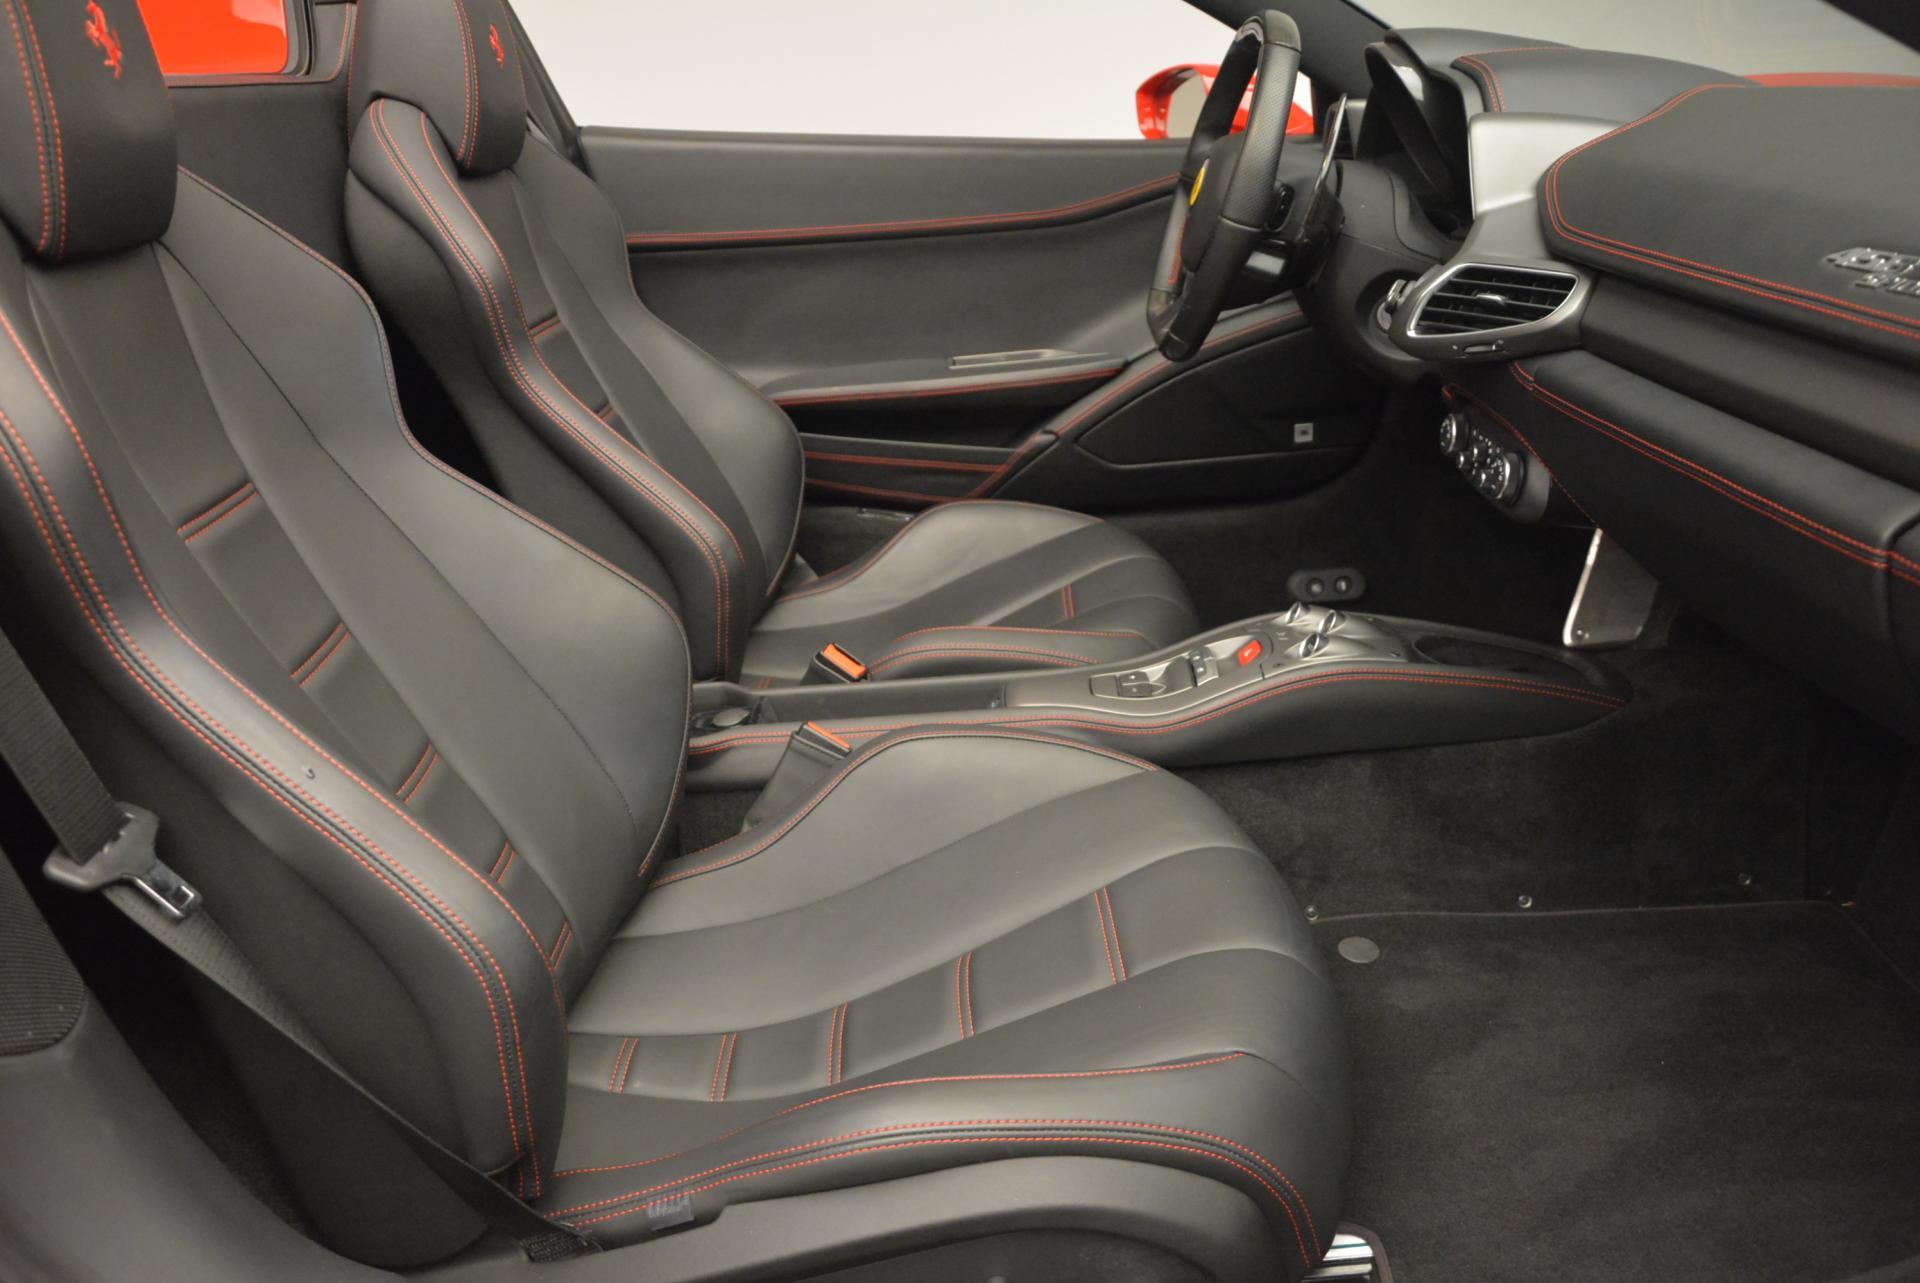 Used 2014 Ferrari 458 Spider  For Sale In Greenwich, CT. Alfa Romeo of Greenwich, 4315 122_p30